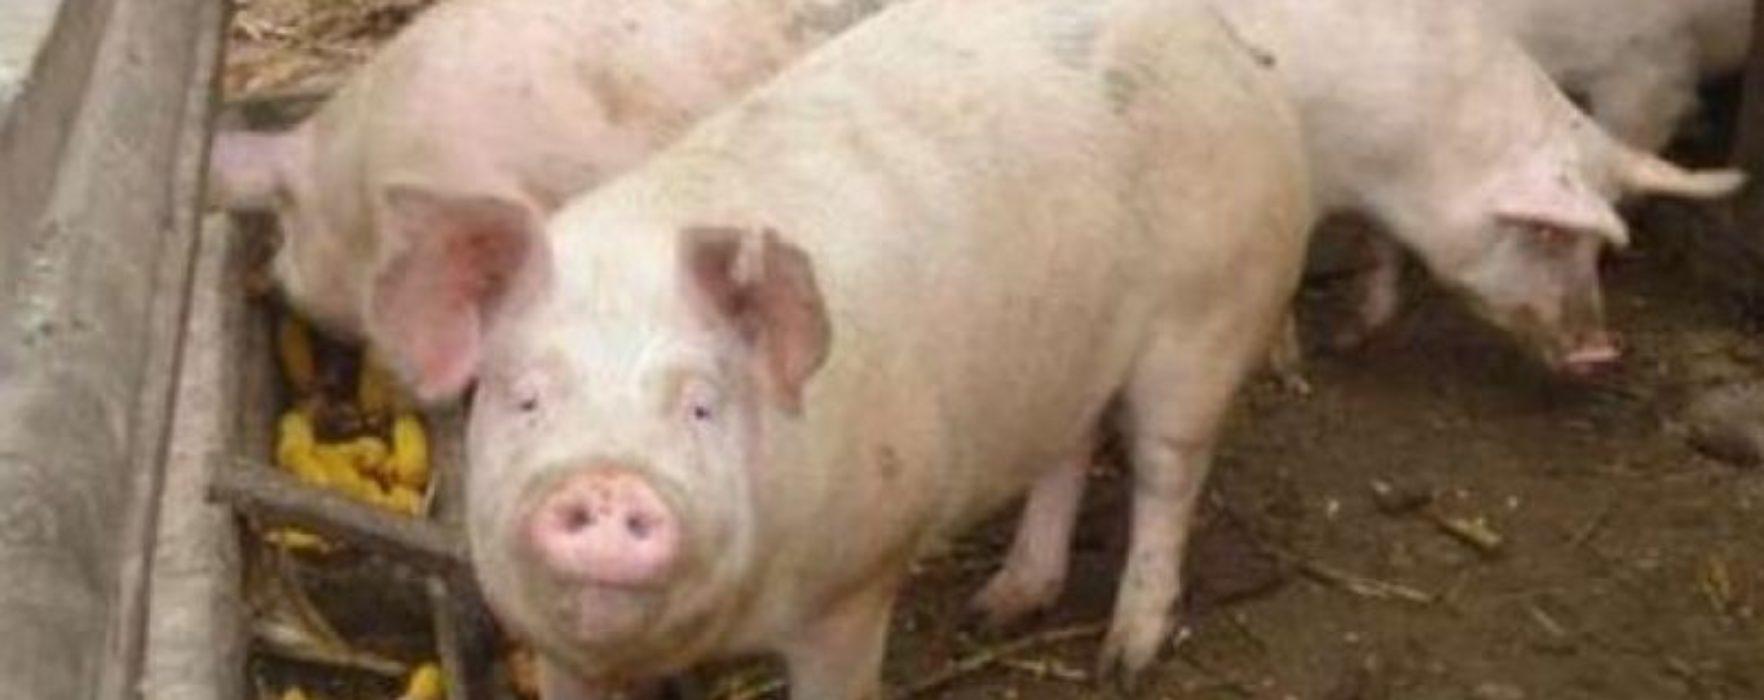 Dâmboviţa: Primul caz de pesta porcină confirmat în judeţ